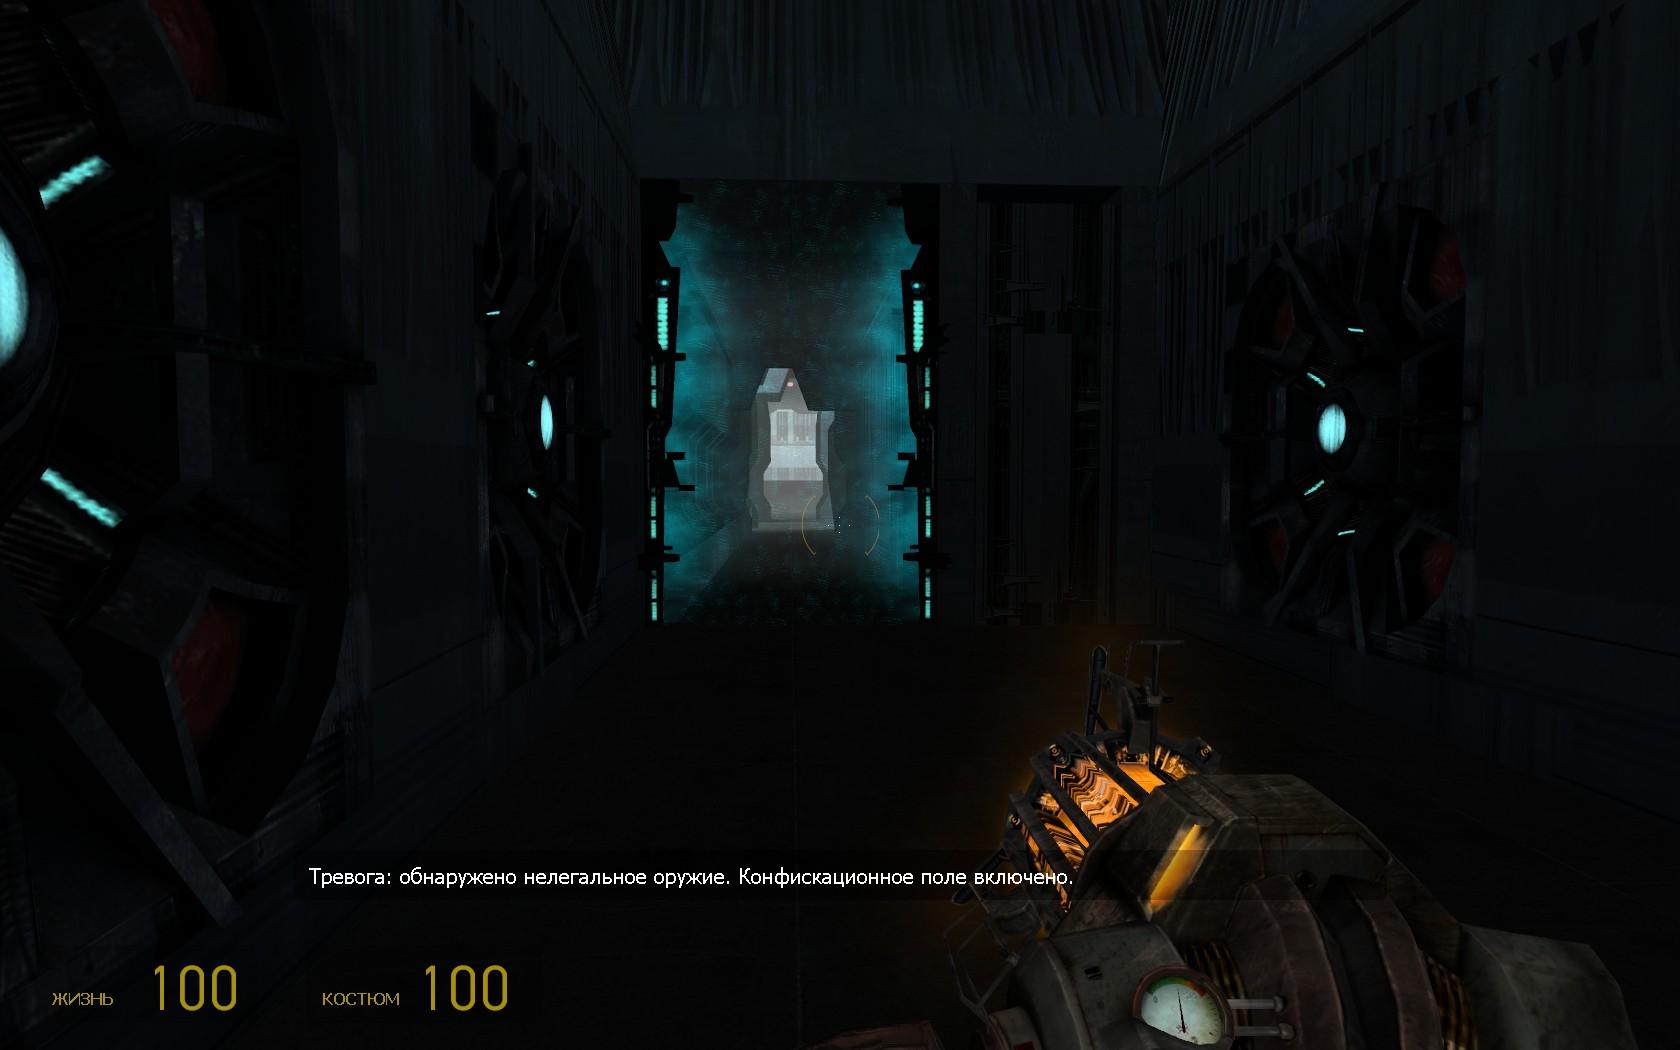 combines_rooms0025 - Half-Life 2 combines_rooms0025